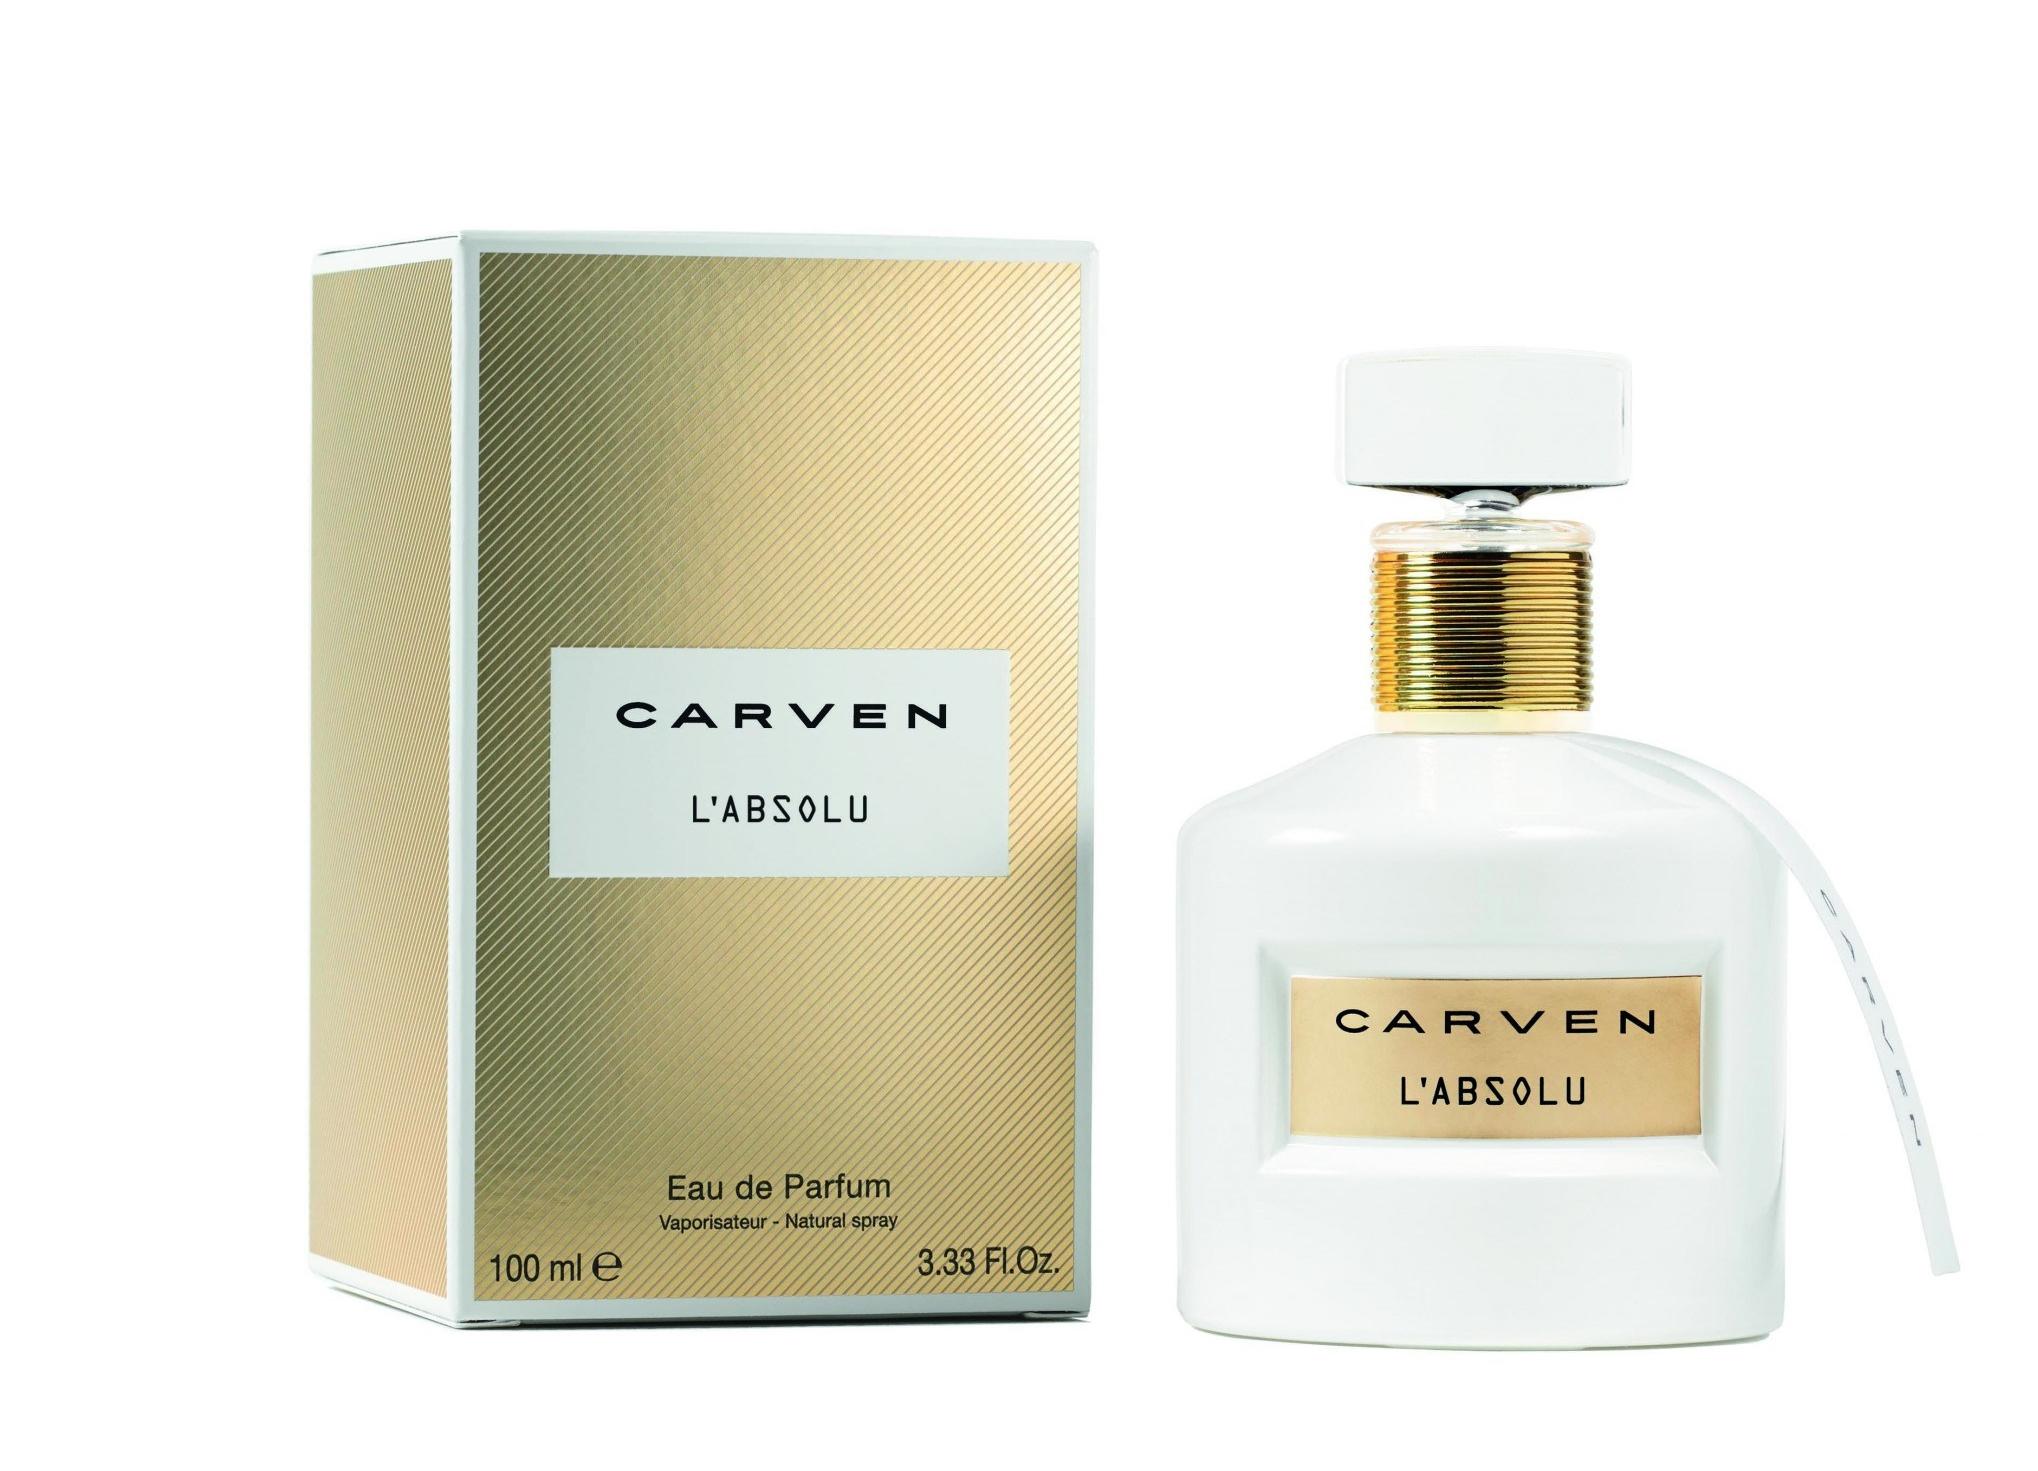 carven-l_absolu-eau-du-parfum.jpg